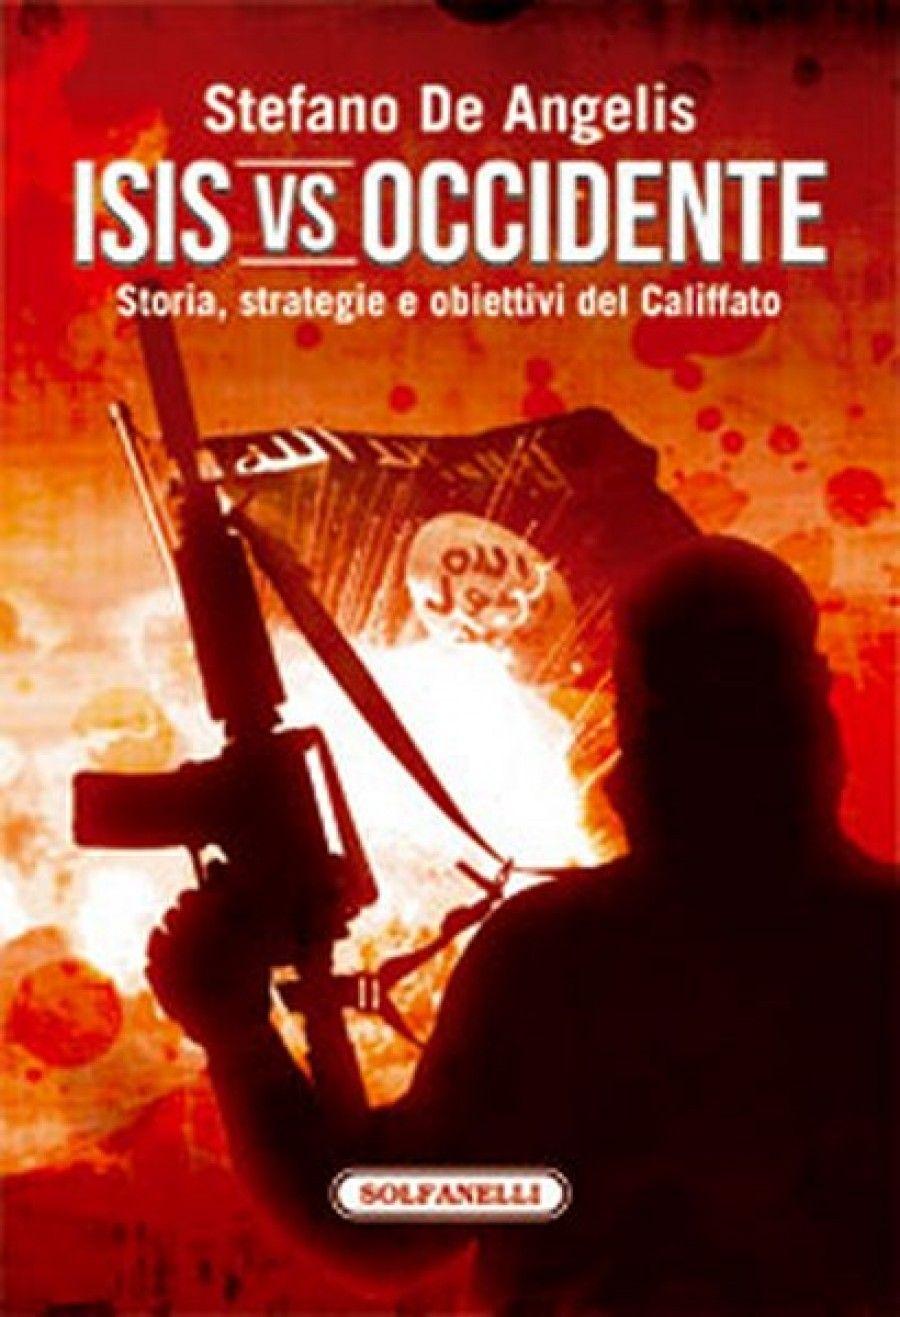 Nelle librerie Isis vs Occidente di Stefano De Angelis